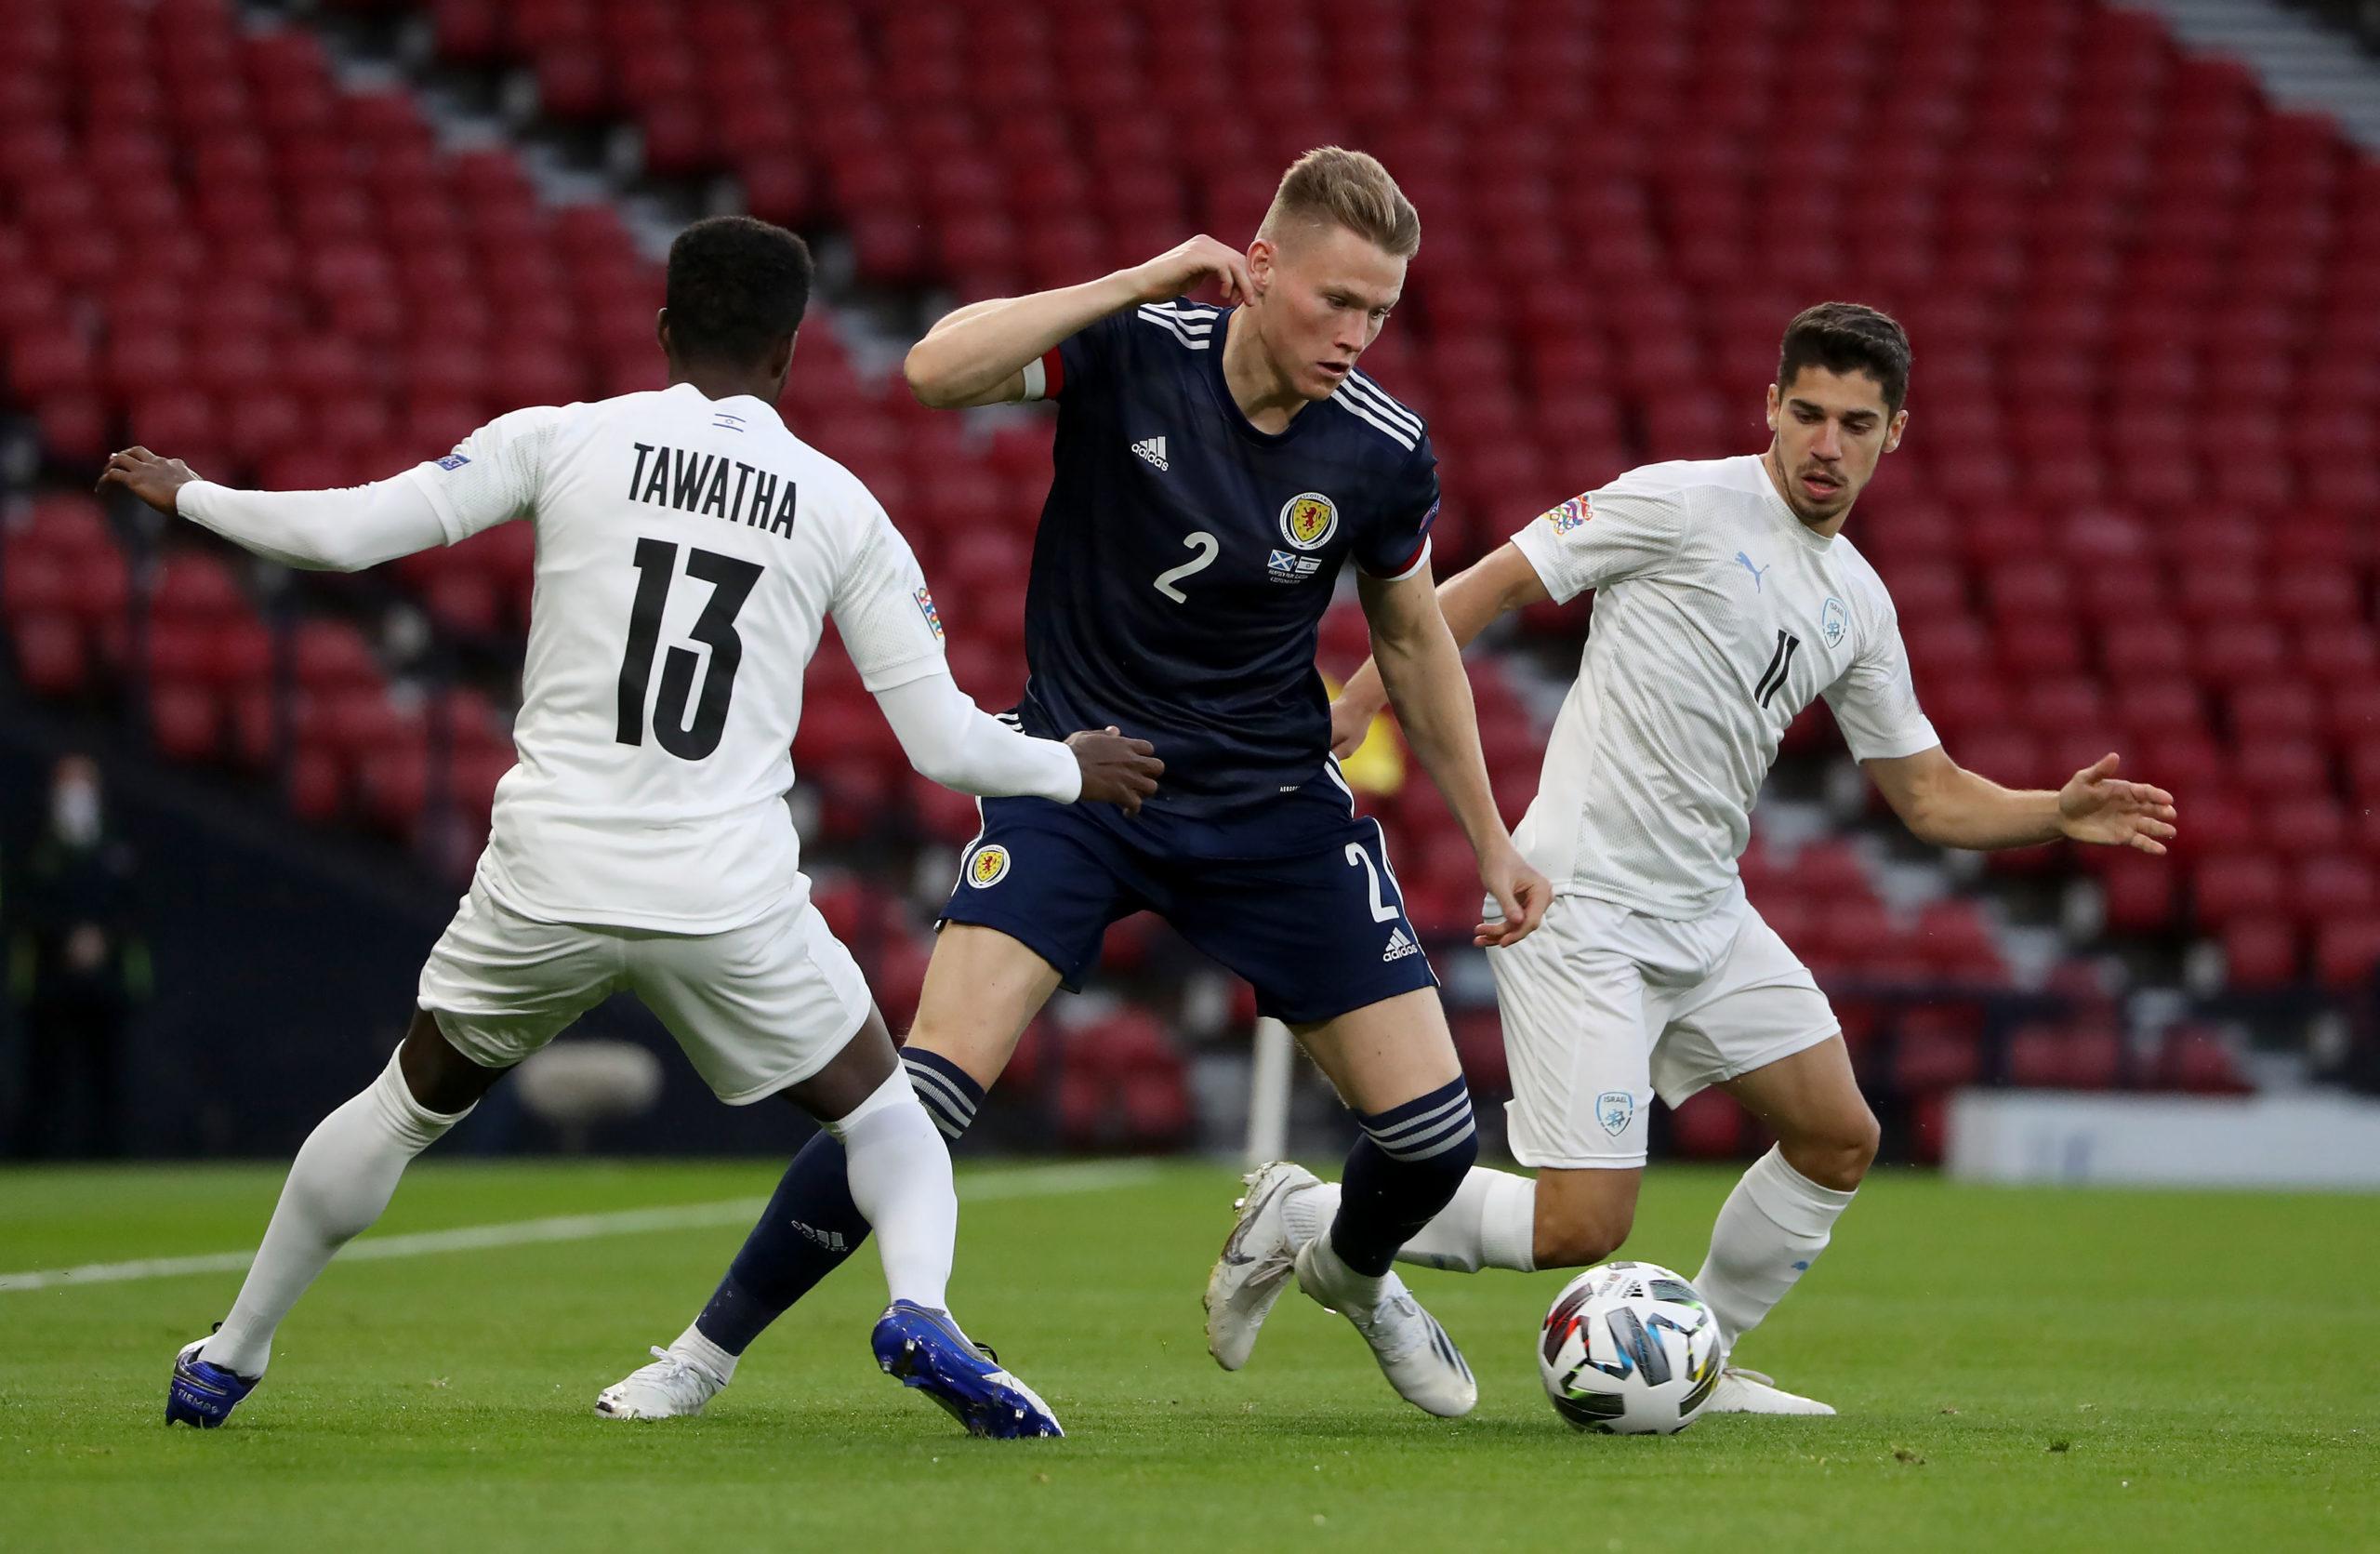 Chronique de Richard Gordon: D'après les preuves de l'affrontement à Hampden, Israël, rival des barrages de l'Euro 2020, est une meilleure équipe que l'Écosse  - Foot 2020